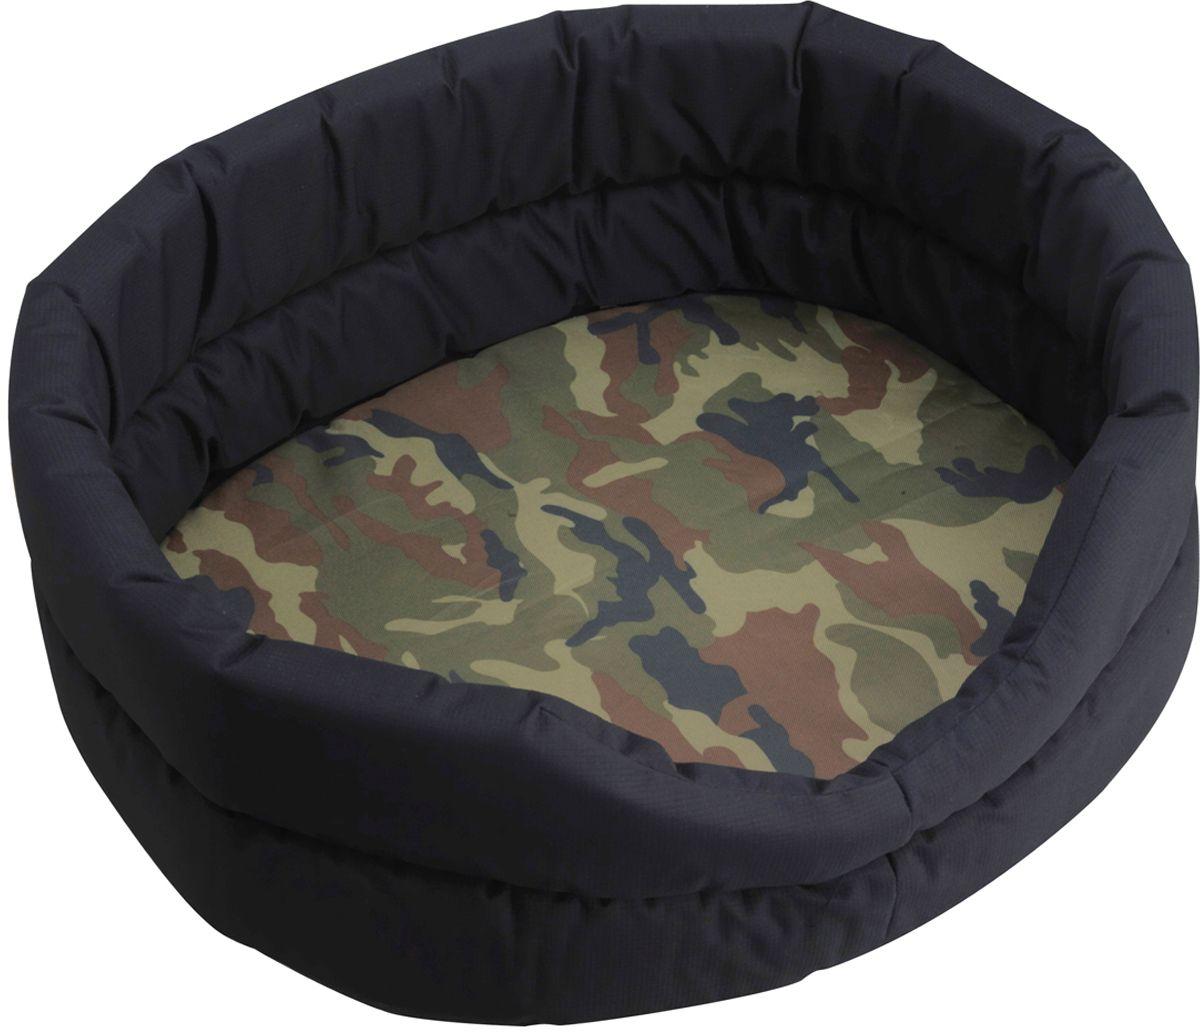 Лежак для собак Happy House Outdoor, цвет: камуфляж, 52 х 43 х 17 см8715-2Мягкий лежак для собак Happy House Outdoor обязательно понравится вашему питомцу. Он выполнен из высококачественного хлопка, а наполнитель из полиэстера. Такой материал не теряет своей формы долгое время.Лежак оснащен съемной подстилкой. Высокие борта обеспечат вашему любимцу уют. За изделием легко ухаживать, его можно стирать вручную. Мягкий лежак станет излюбленным местом вашего питомца, подарит ему спокойный и комфортный сон, а также убережет вашу мебель от многочисленной шерсти.